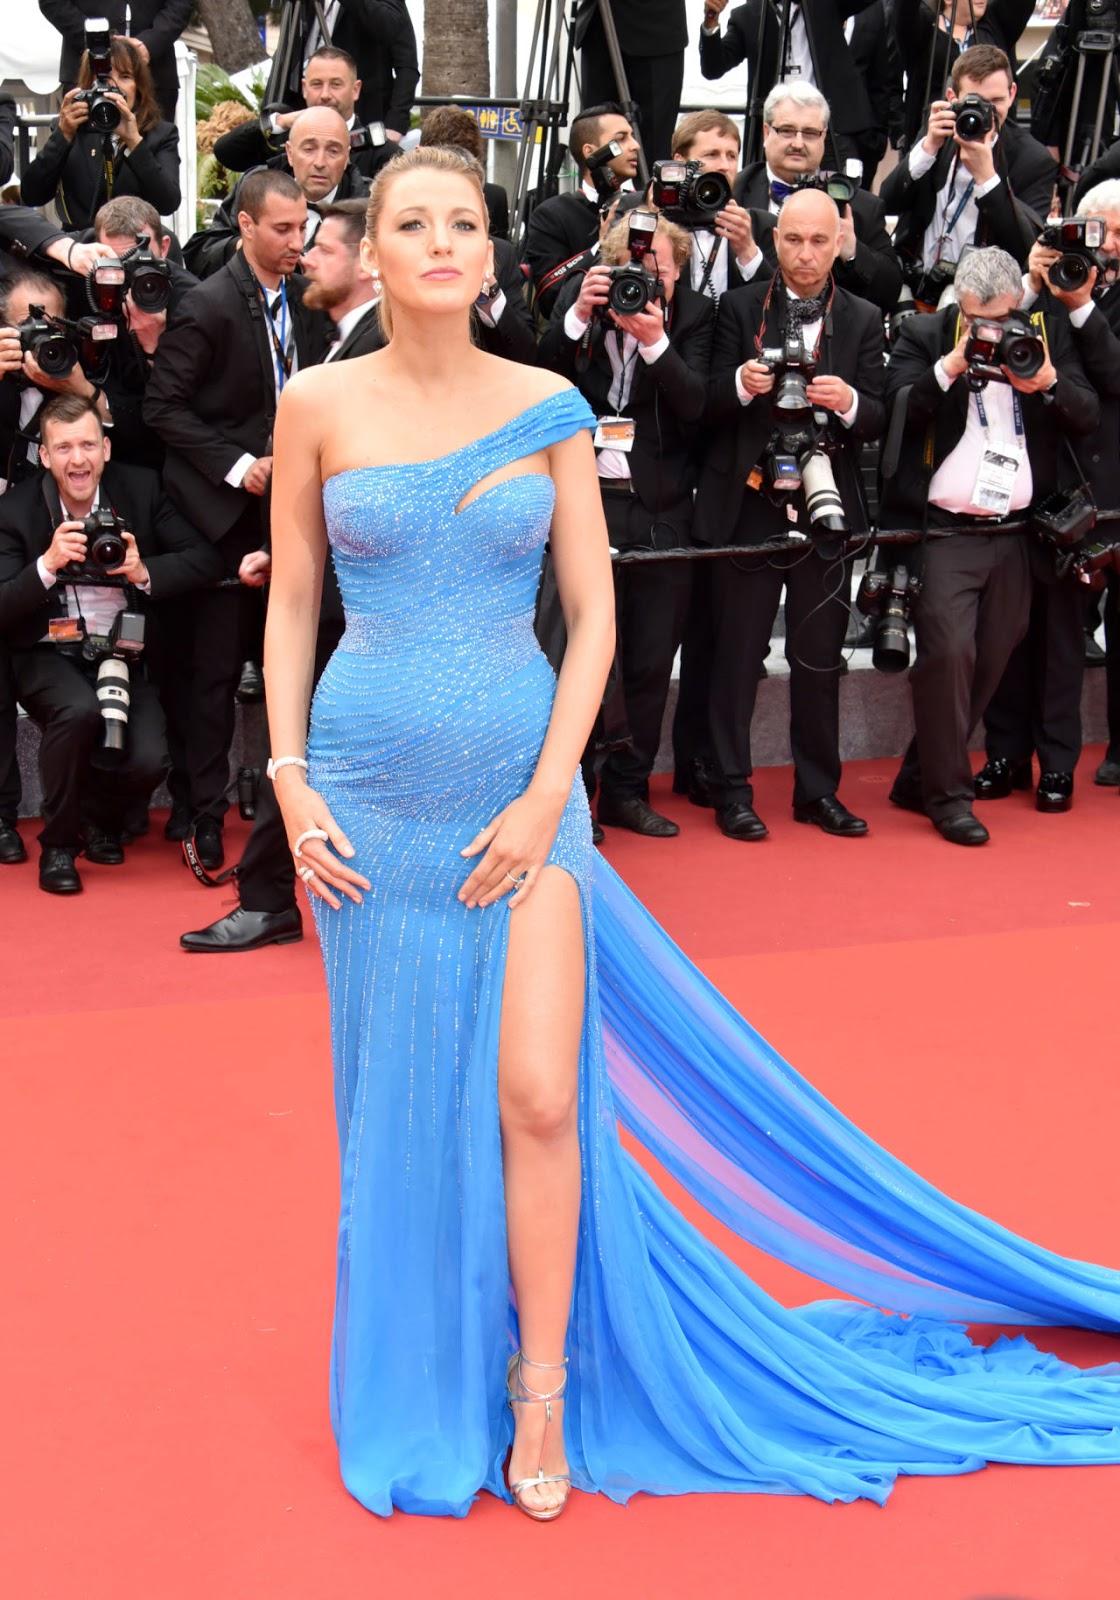 Blake Lively in Atelier Versace. Blake Lively è stata la protagonista  assoluta di questo festival di Cannes 2016  bellissima 96815f6fc42